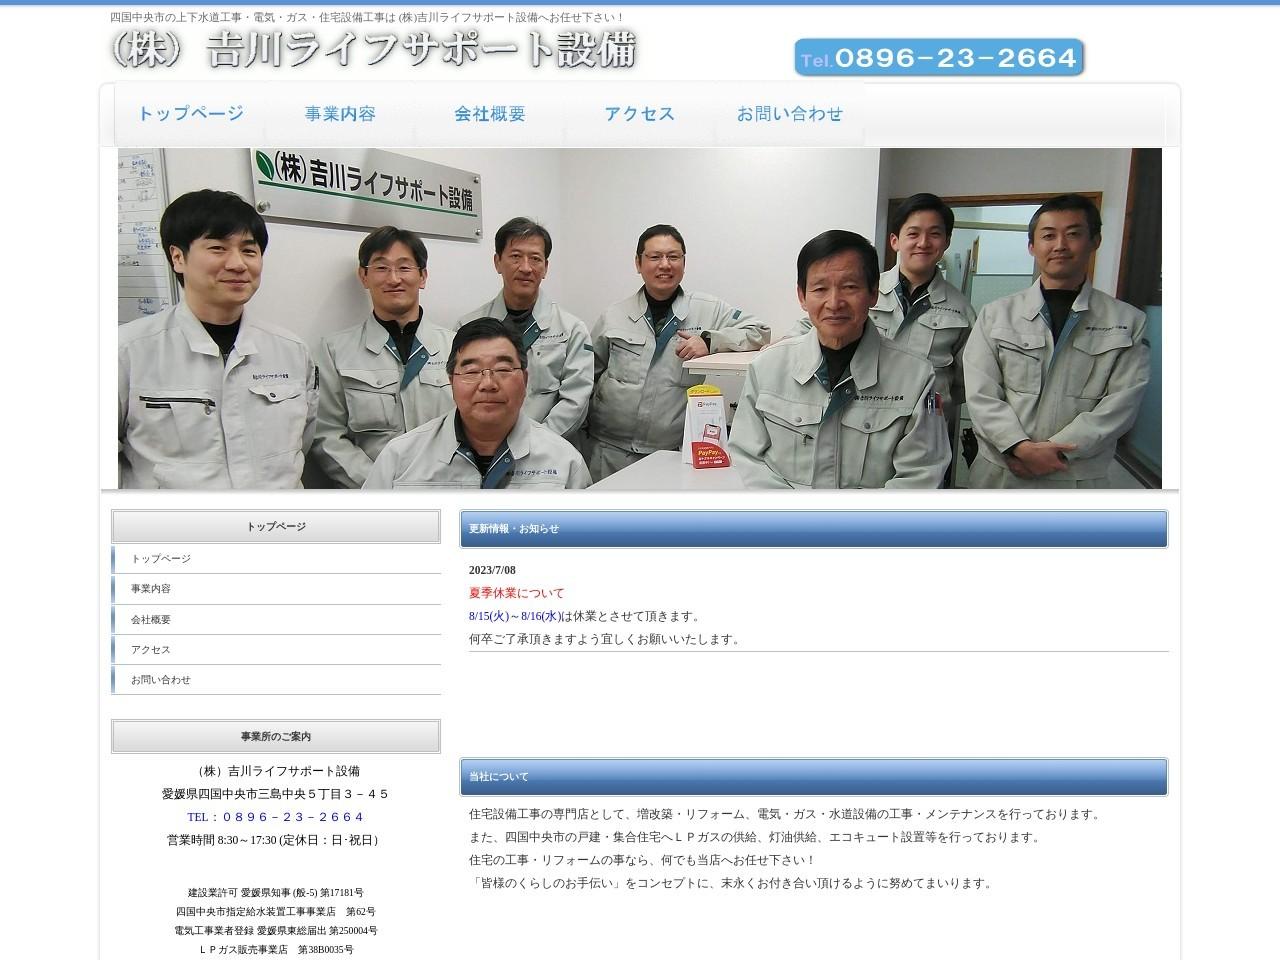 株式会社吉川ライフサポート設備